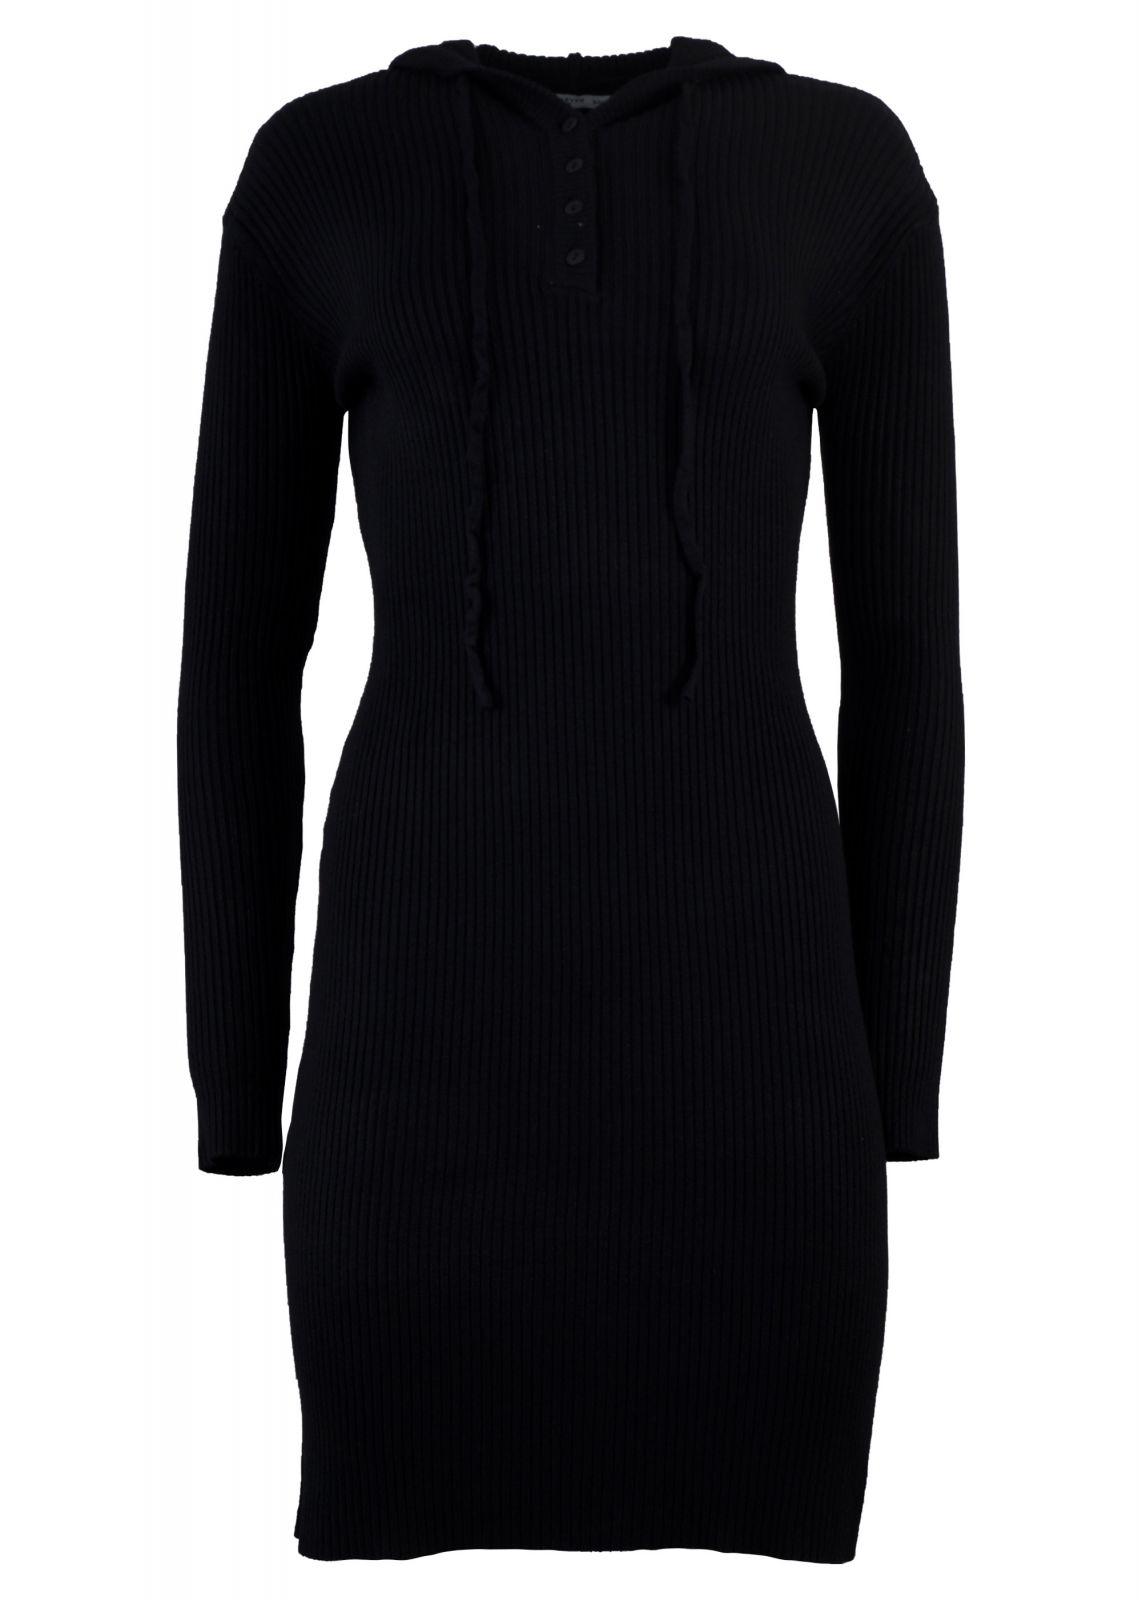 Γυναικείο φόρεμα ρίπ ελαστικό με κουκούλα. Casual Style. ΜΑΥΡΟ - gsecret -